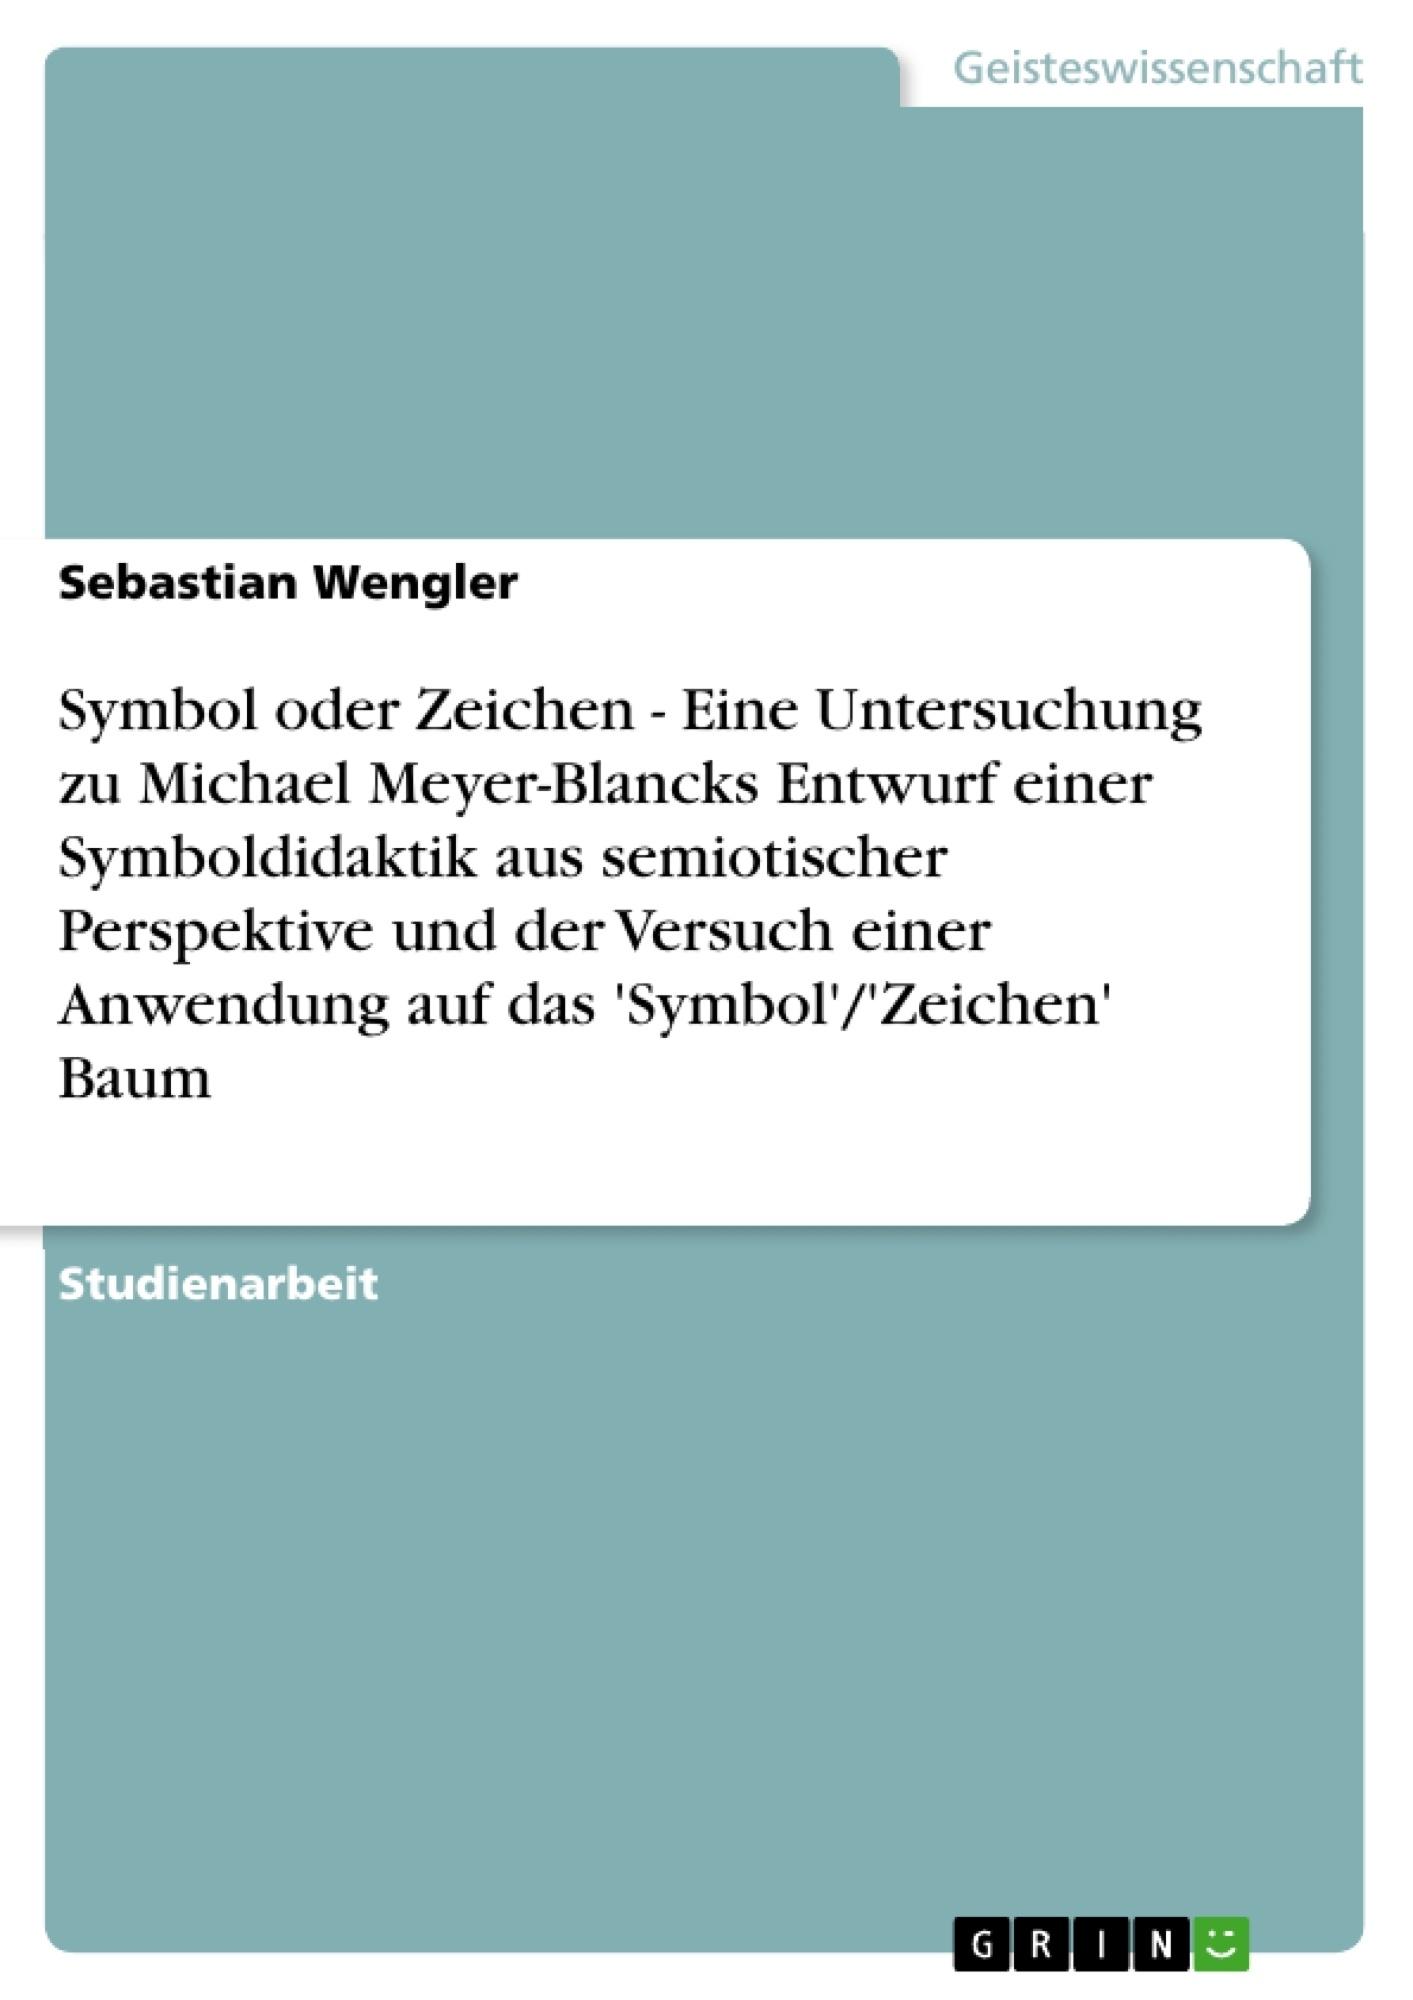 Titel: Symbol oder Zeichen - Eine Untersuchung zu Michael Meyer-Blancks Entwurf einer Symboldidaktik  aus semiotischer Perspektive und der Versuch einer Anwendung auf das 'Symbol'/'Zeichen' Baum